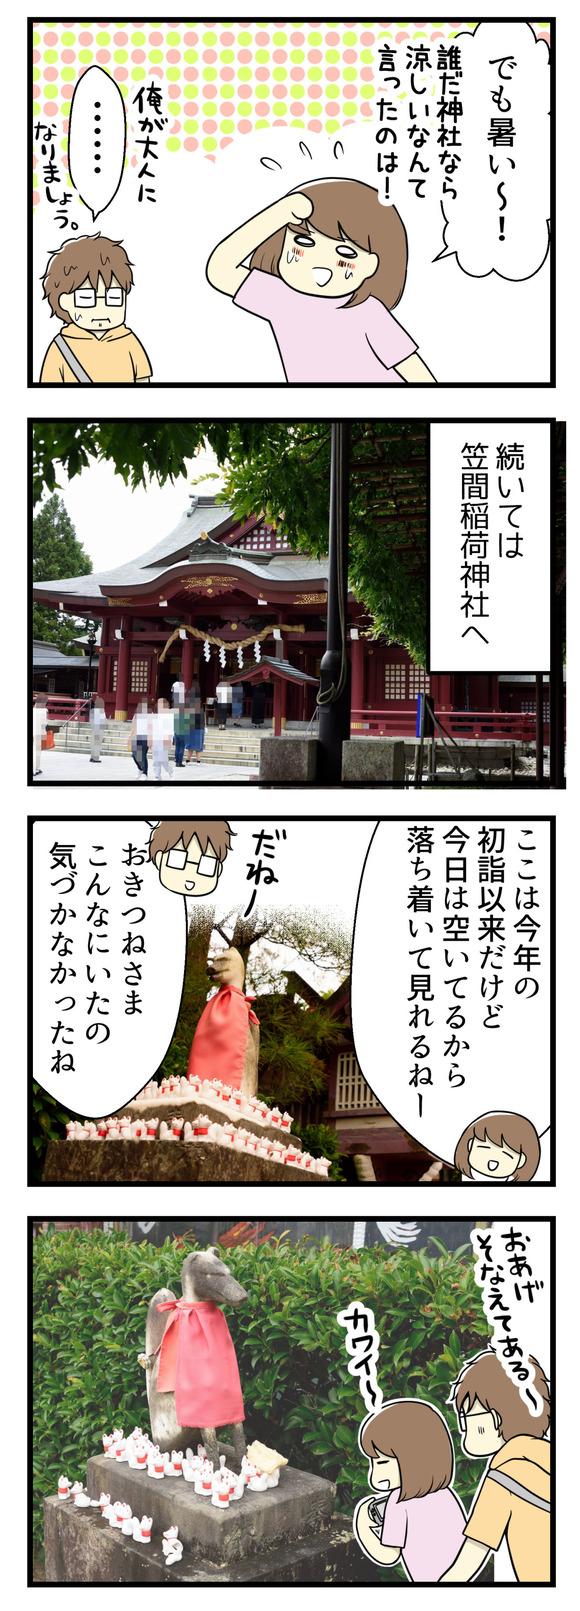 でも神社だろうがなんだろうがやっぱり暑い!続いては笠間稲荷神社へ。初詣以来ですが、ちょっと空いていて色んな個所を落ち着いて見ることができました。おきつねさまが気づかなかったところにもいてカワイイ~!